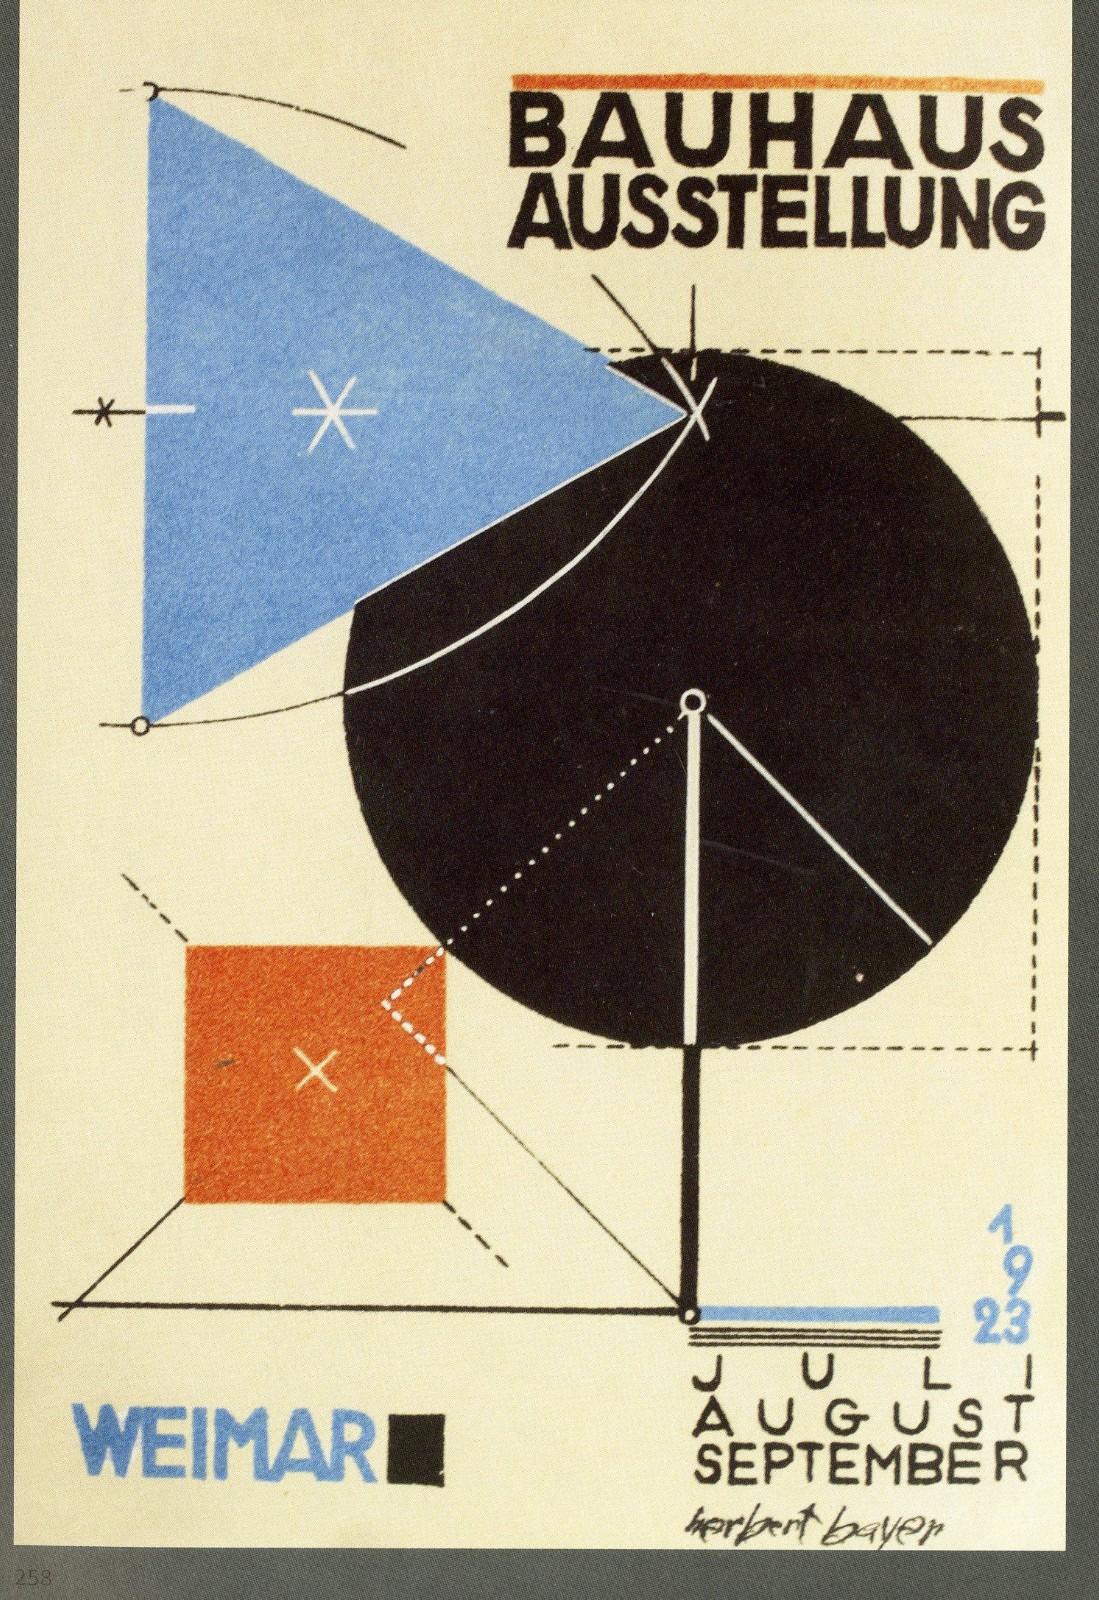 1923年包豪斯作品展海报.jpg